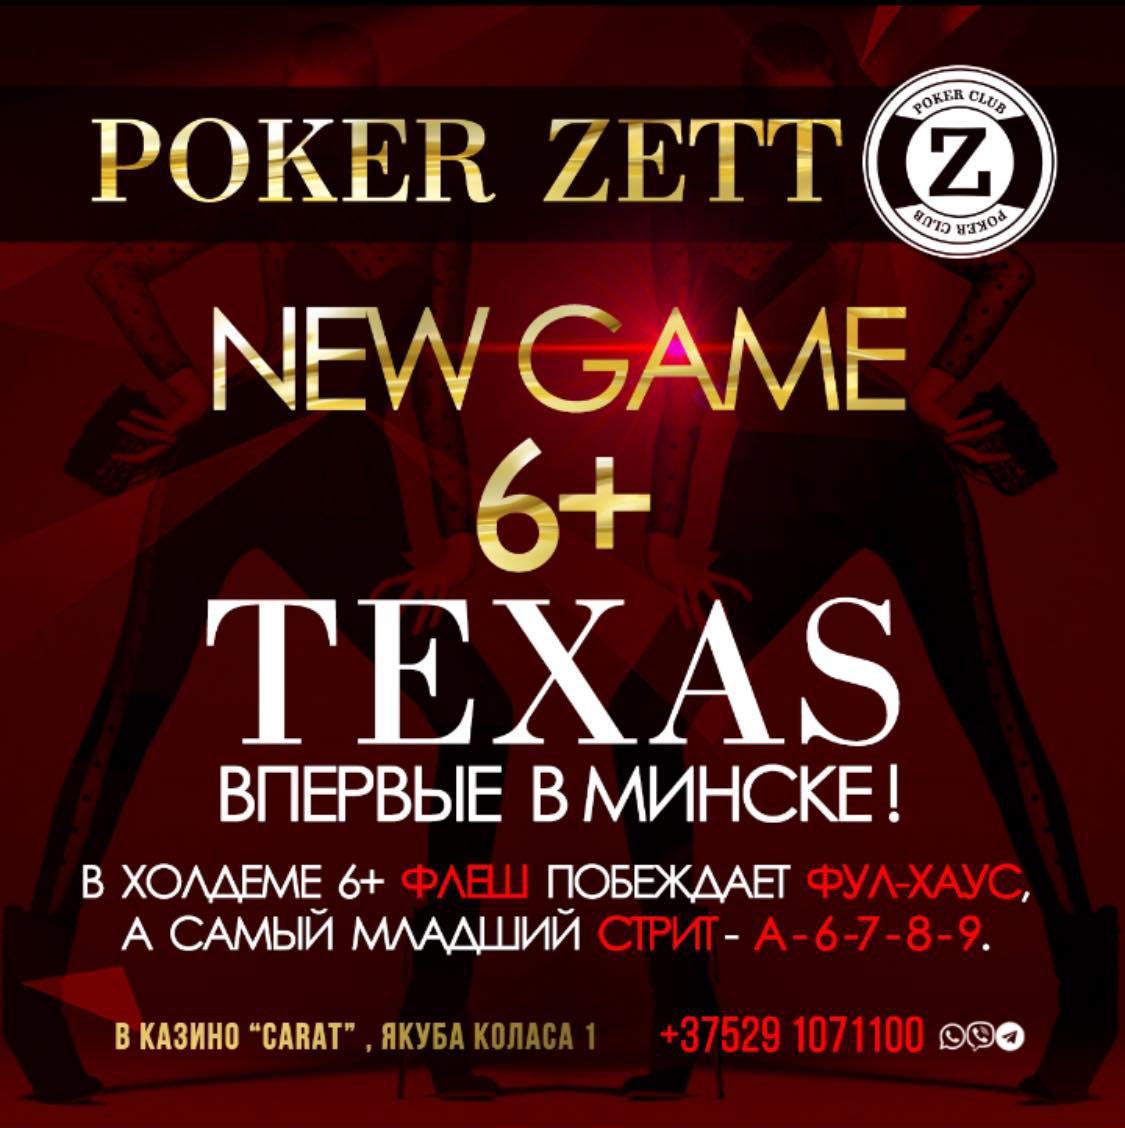 Новая разновидность покера в Минске!